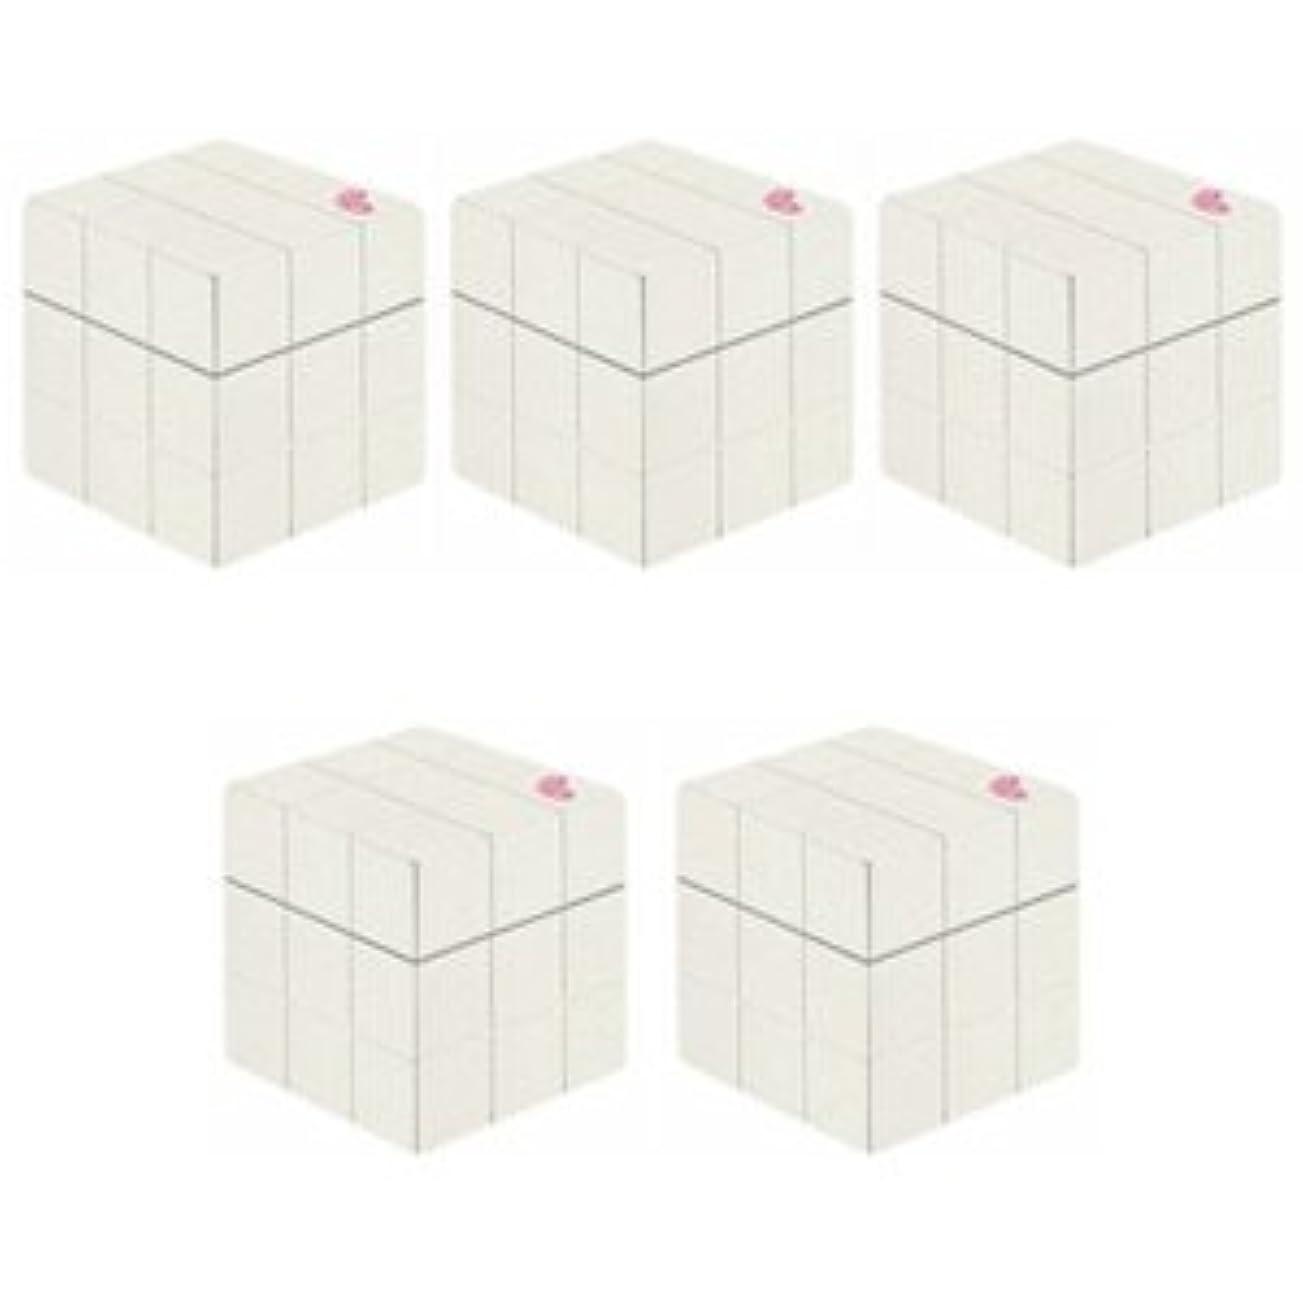 容疑者リハーサル曲げる【X5個セット】 アリミノ ピース プロデザインシリーズ グロスワックス ホワイト 80g